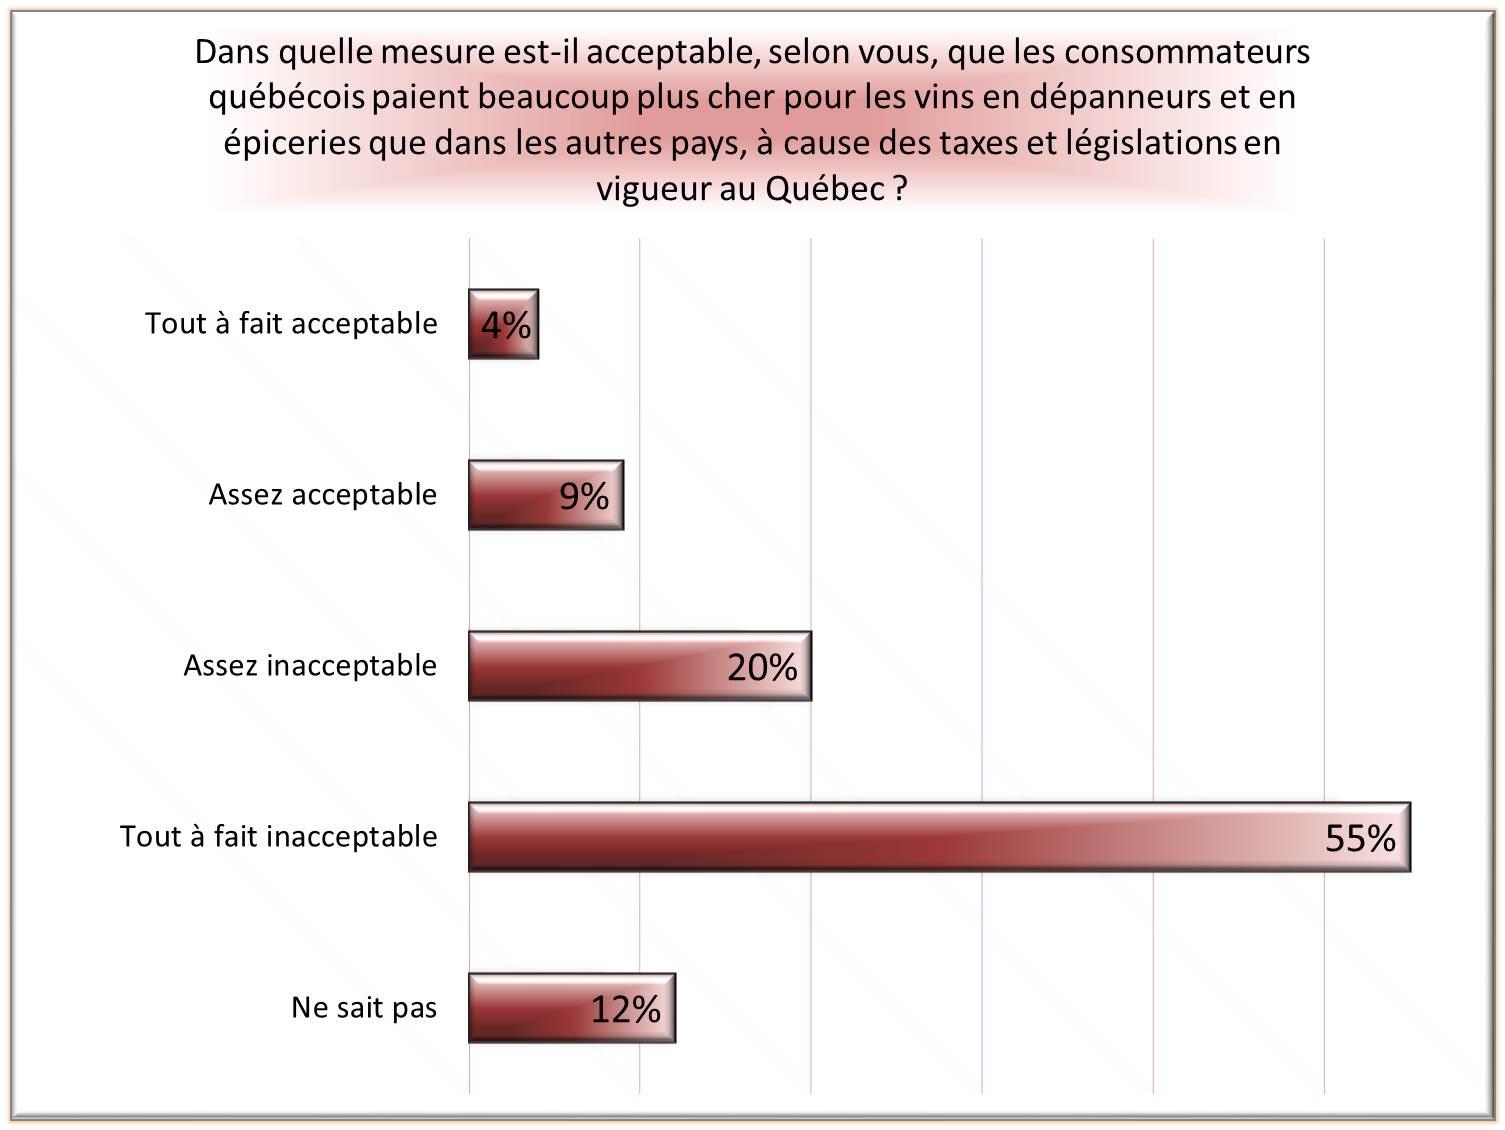 2013-09-28-pix_2013_septembre_23_Huffington_Post_Quebec_Toute_la_verite_sur_les_vins_vendus_dans_les_epiceries_et_les_depanneurs_6.jpg